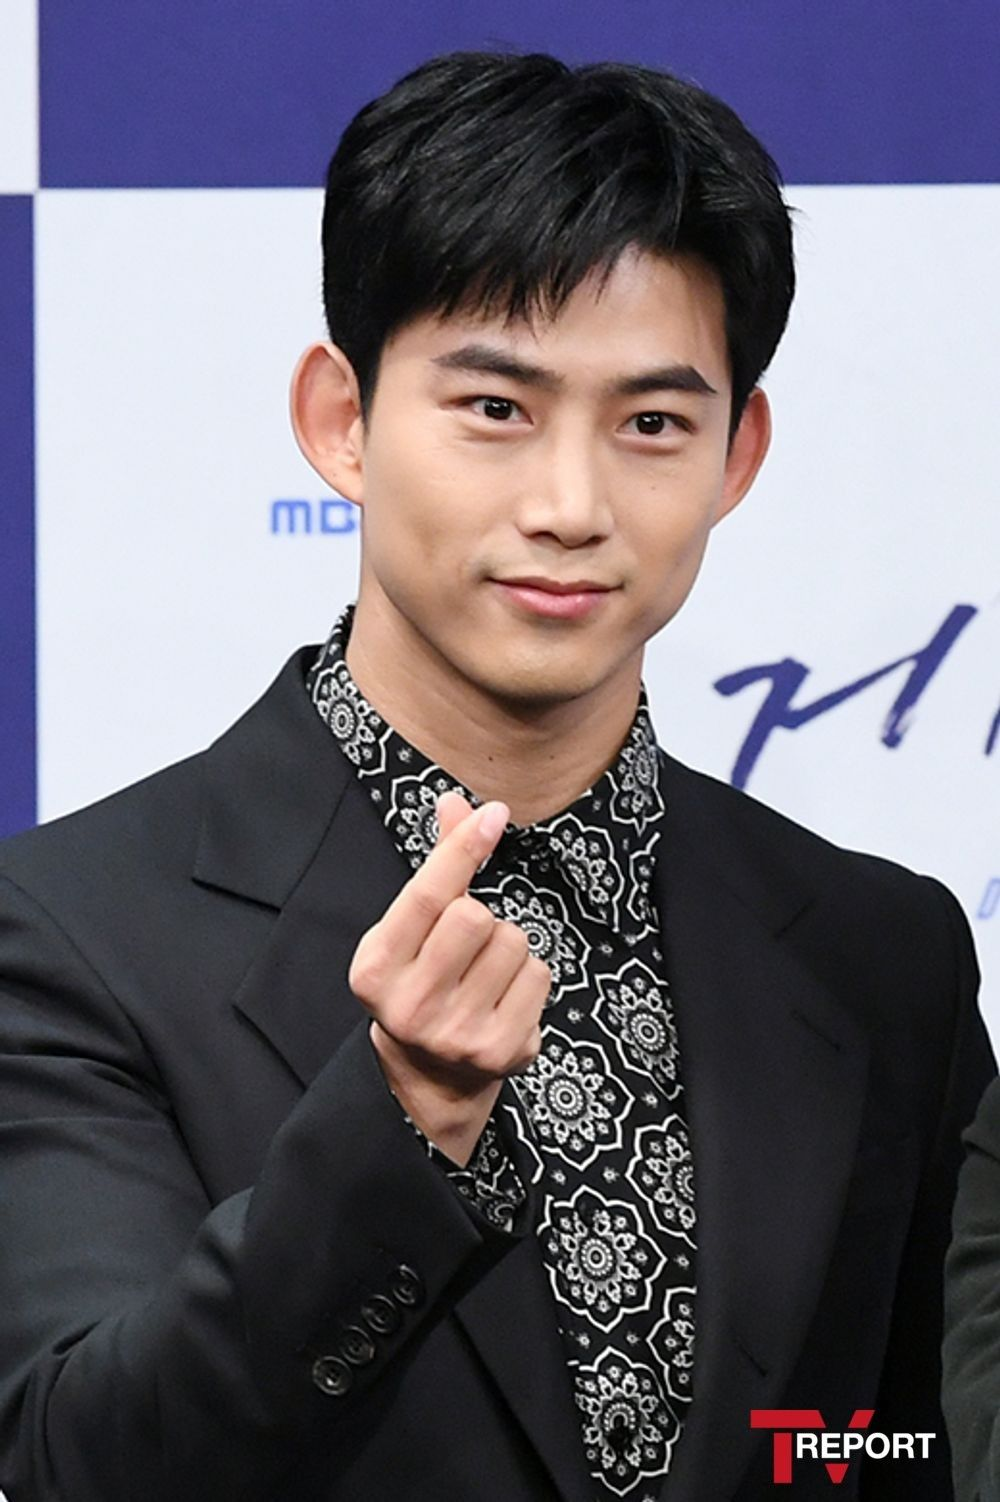 """옥택연, 영화 '한산' 출연...첫 사극 도전 """"촬영 준비 중"""""""